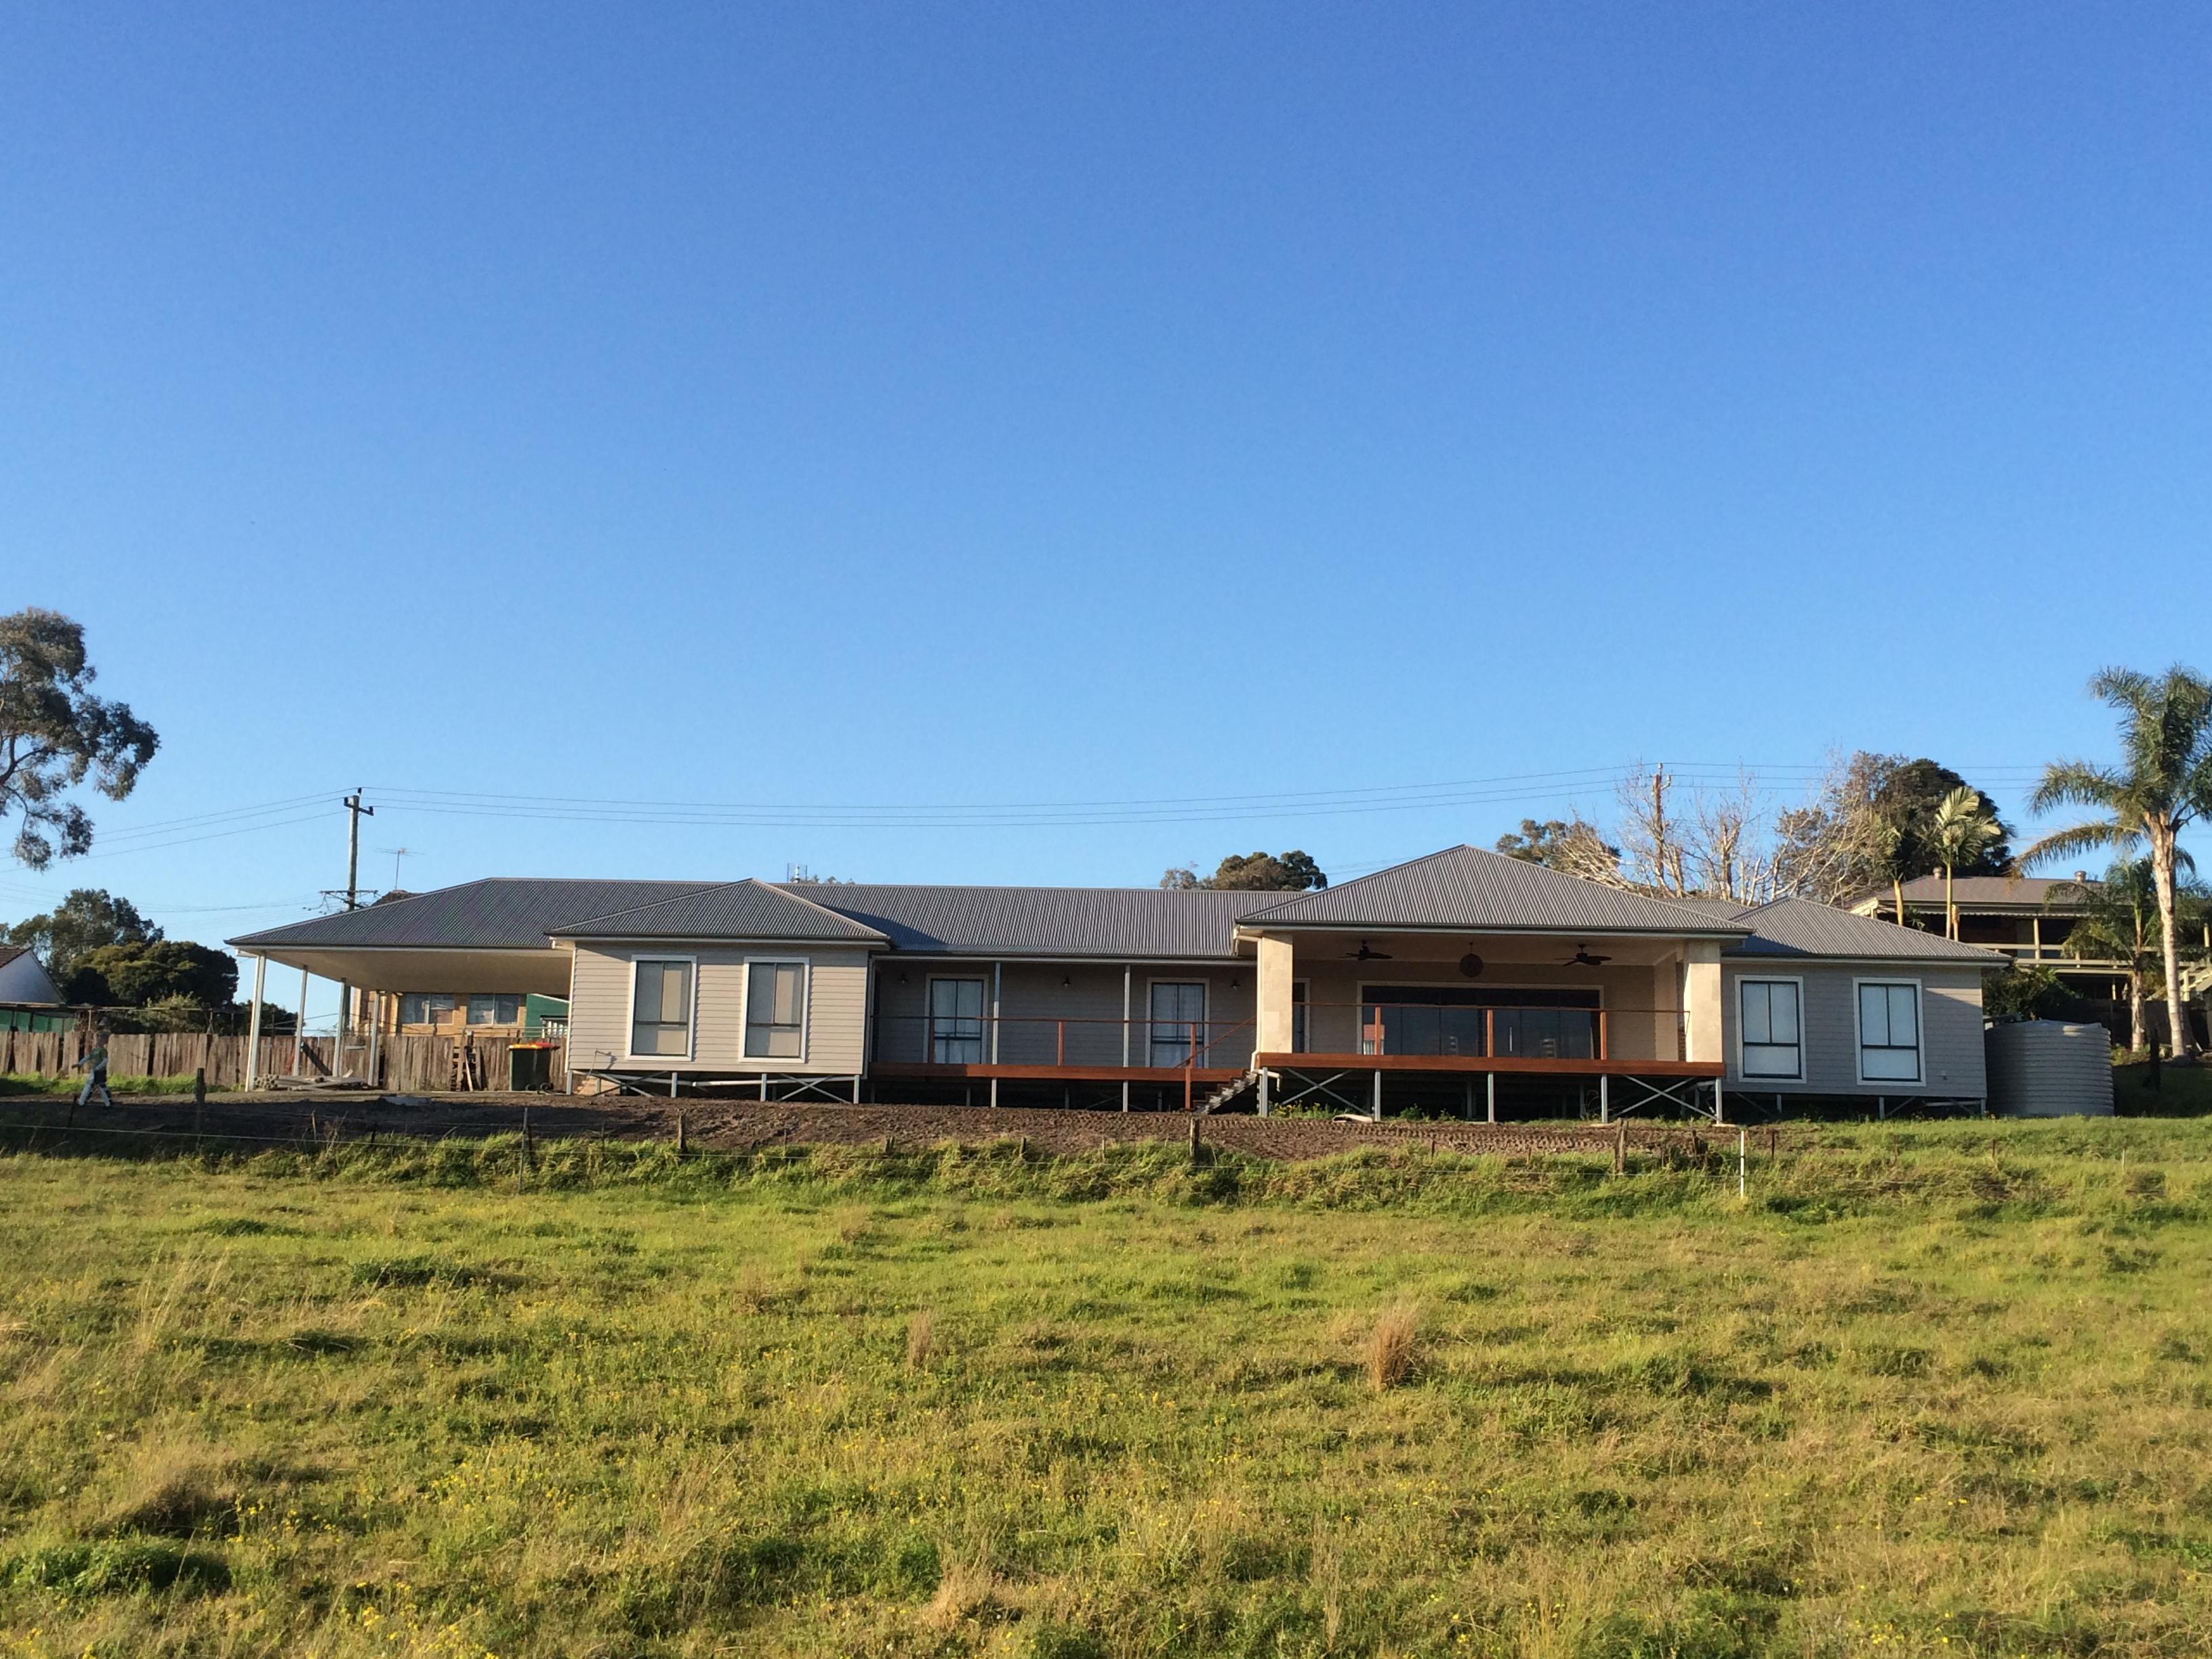 House built on Boxspan floor frame on Ezipier